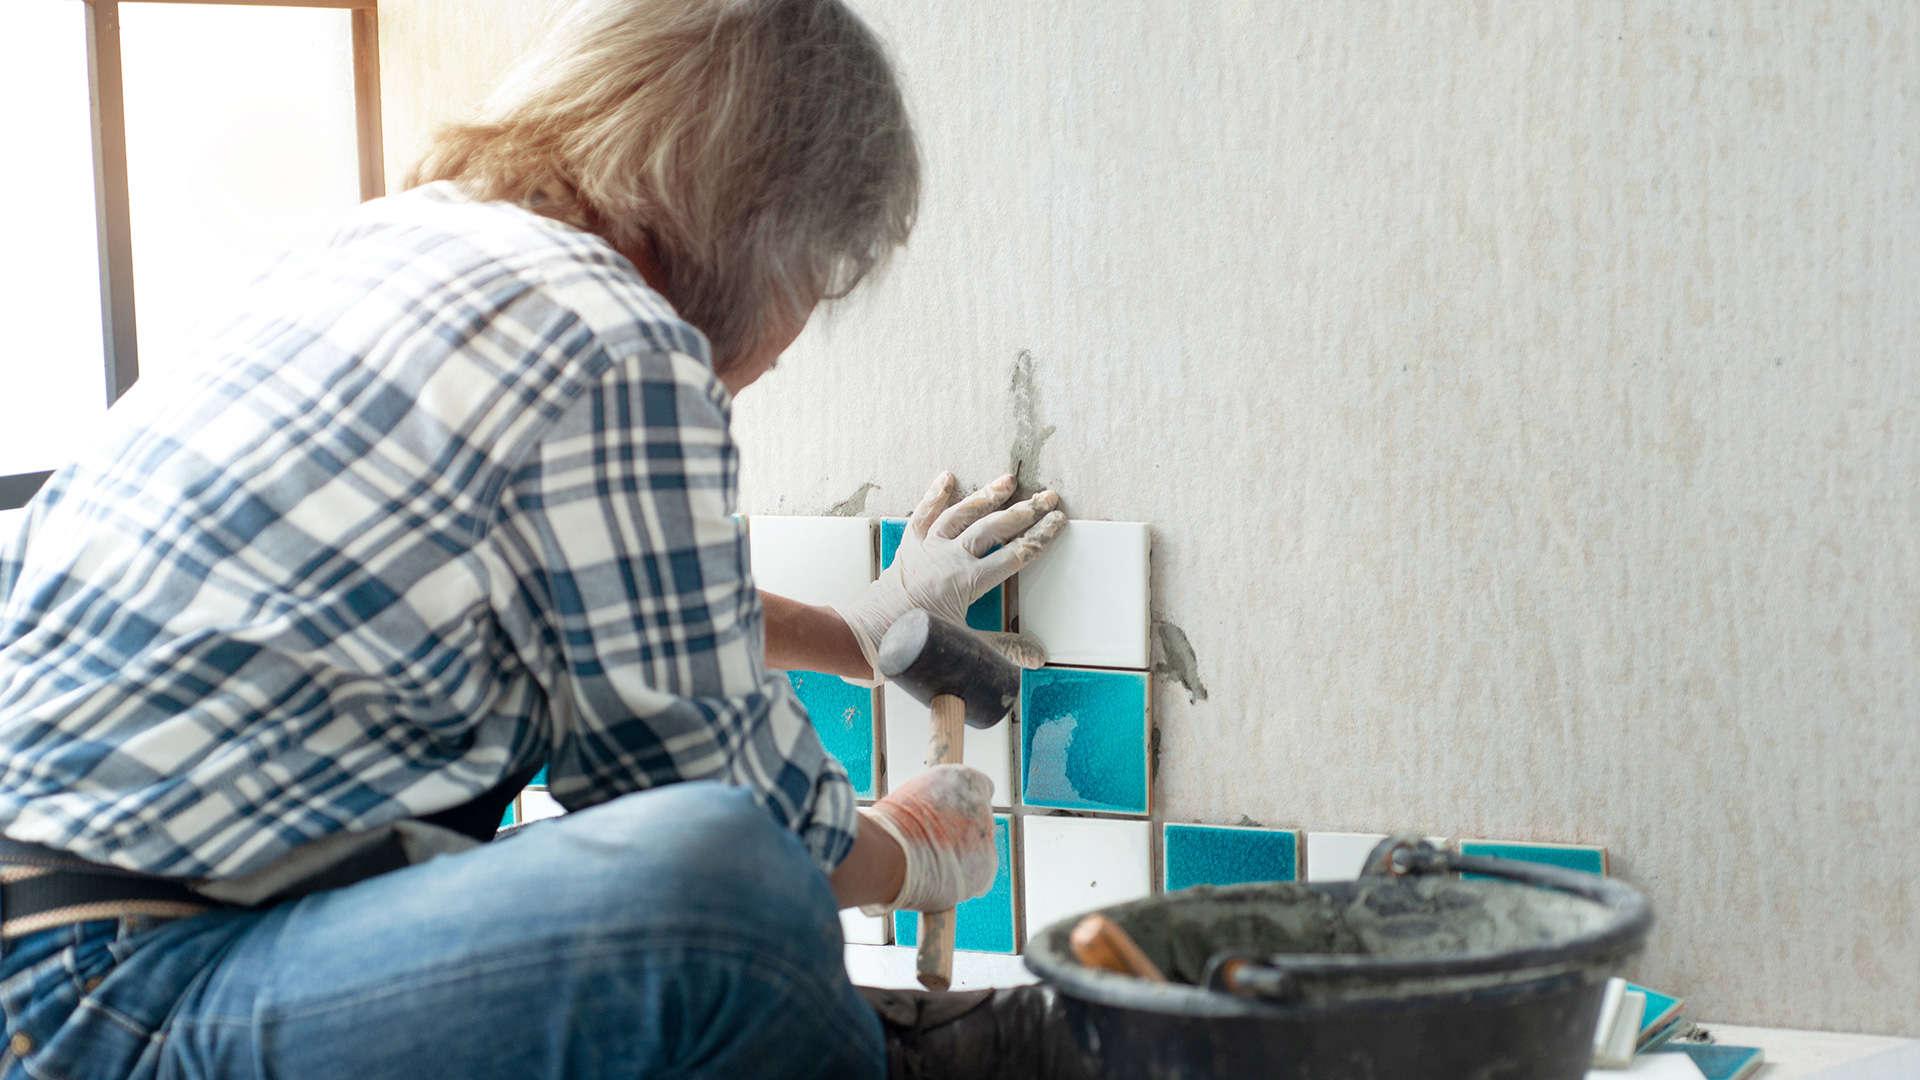 glazurnik dobija młotkiem gumowym kolorowe płytki ułożone na ścianie -  w 2021